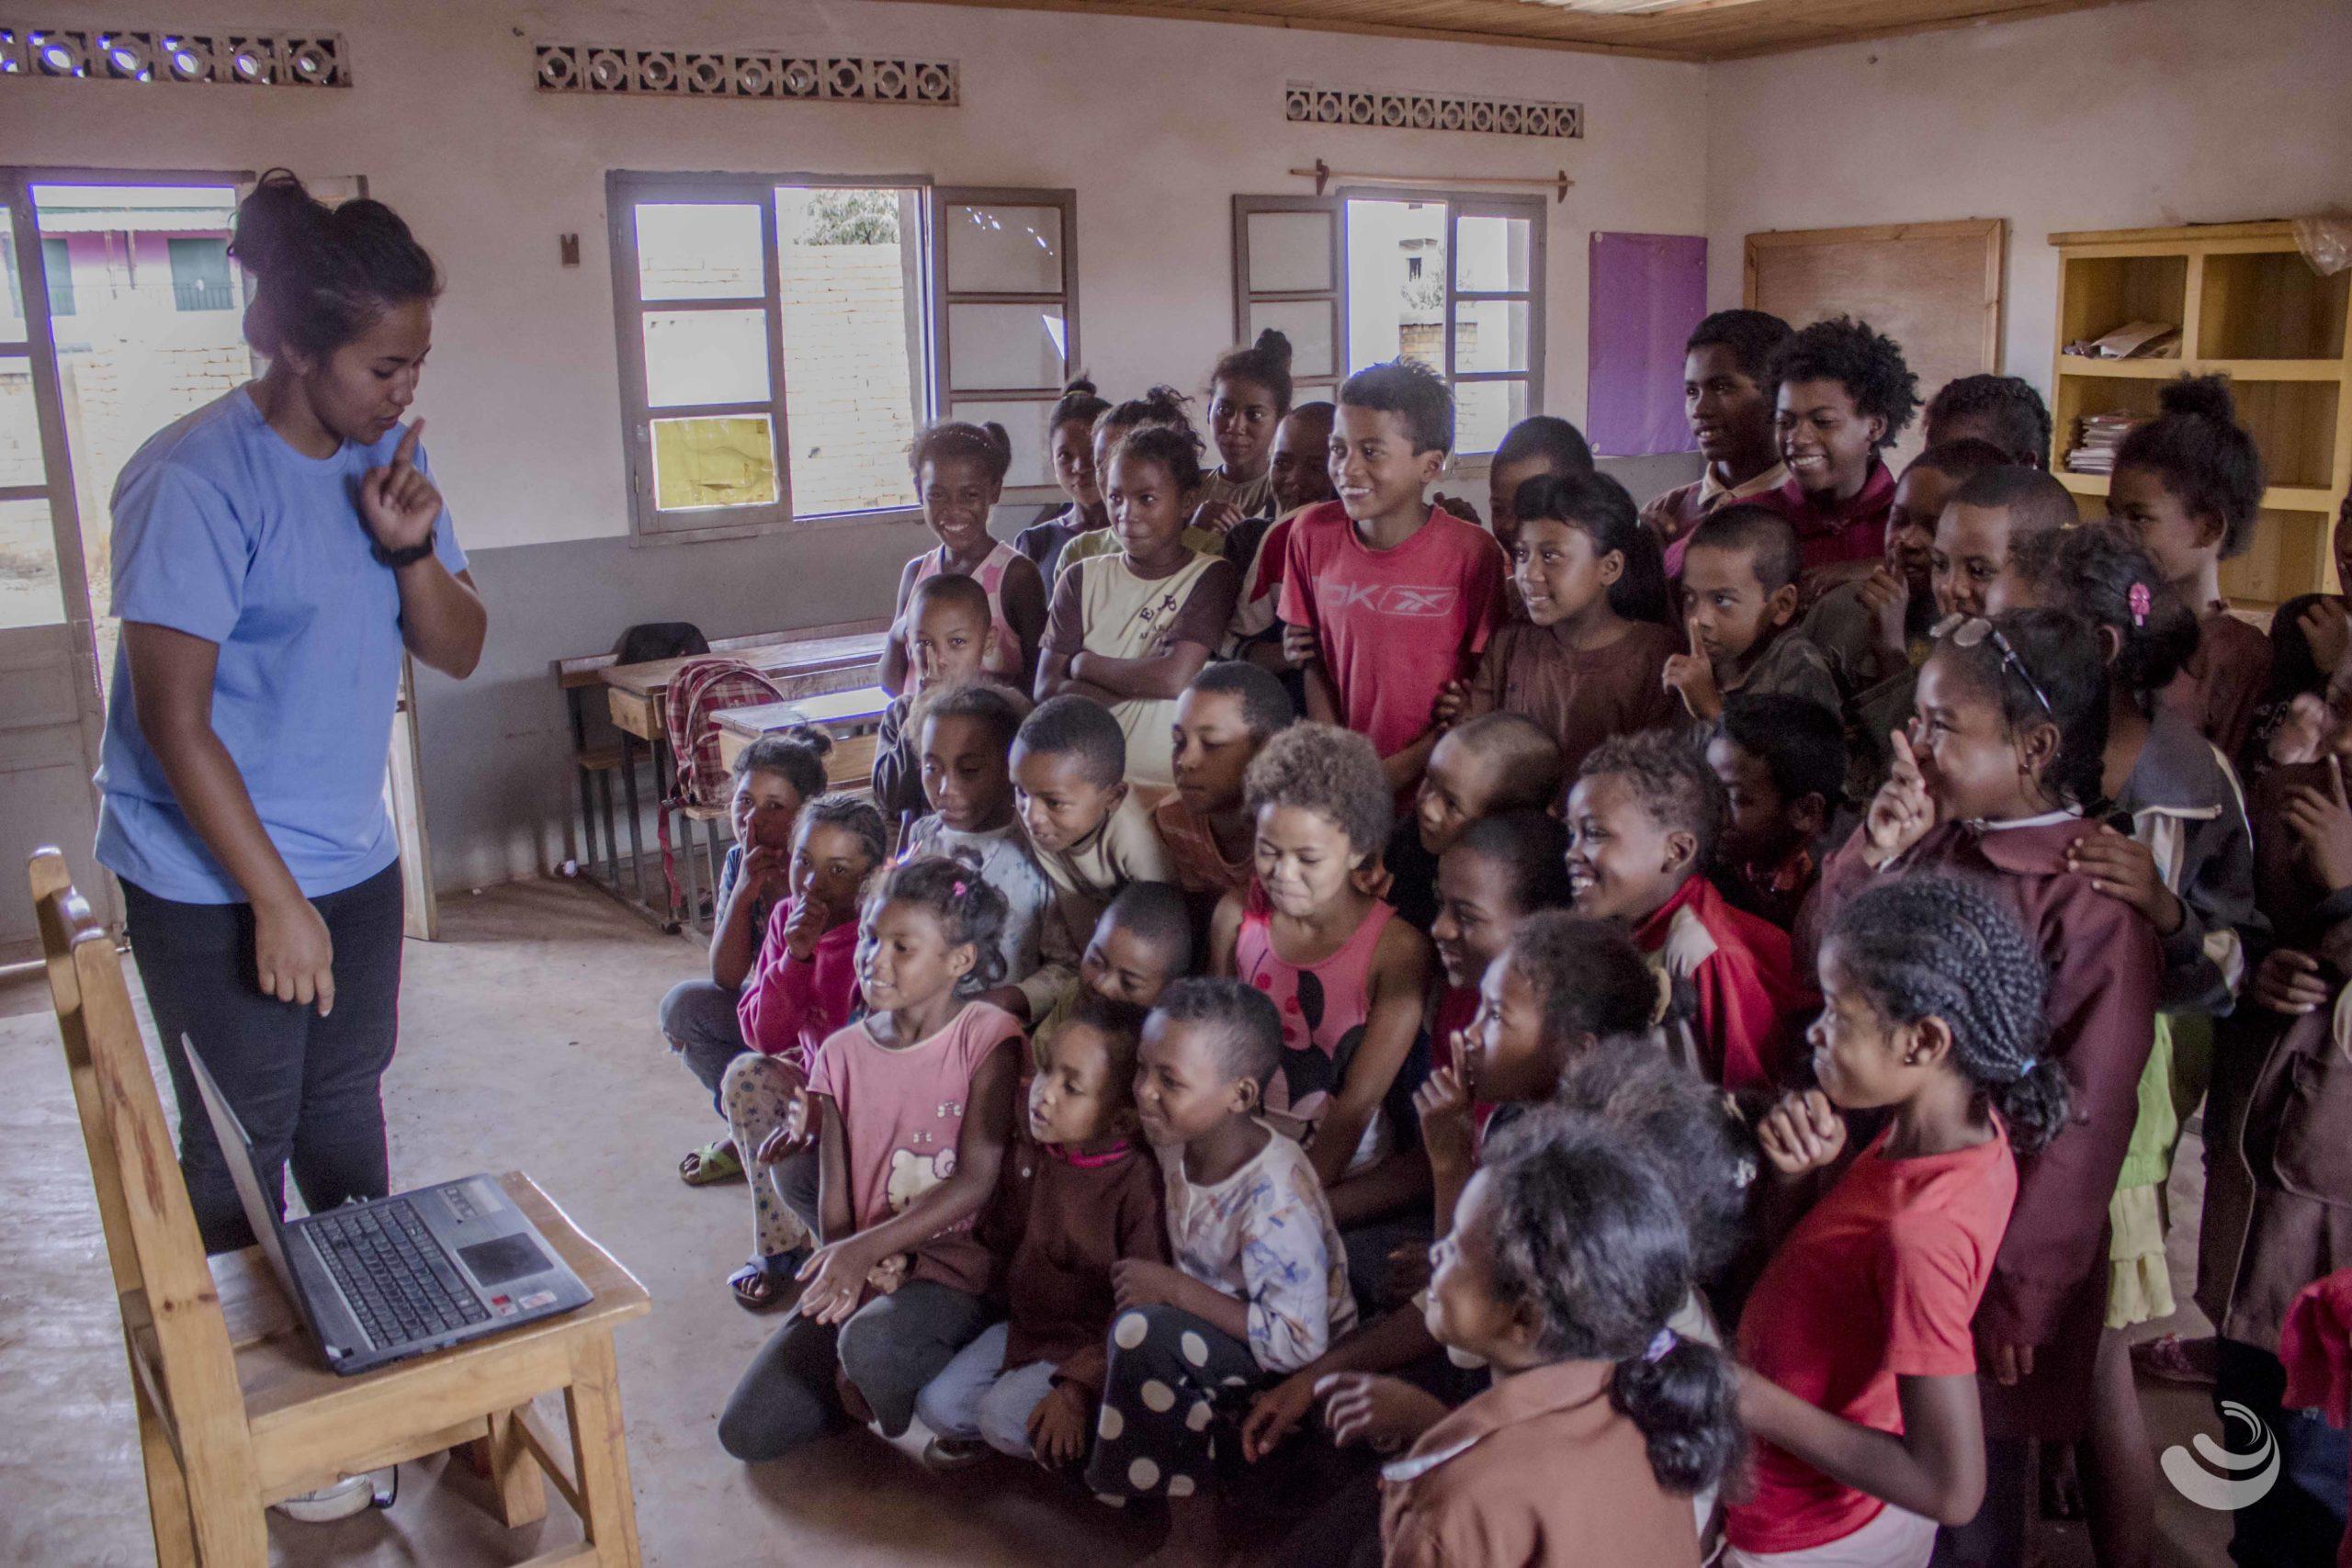 enfants qui regardent une vidéo